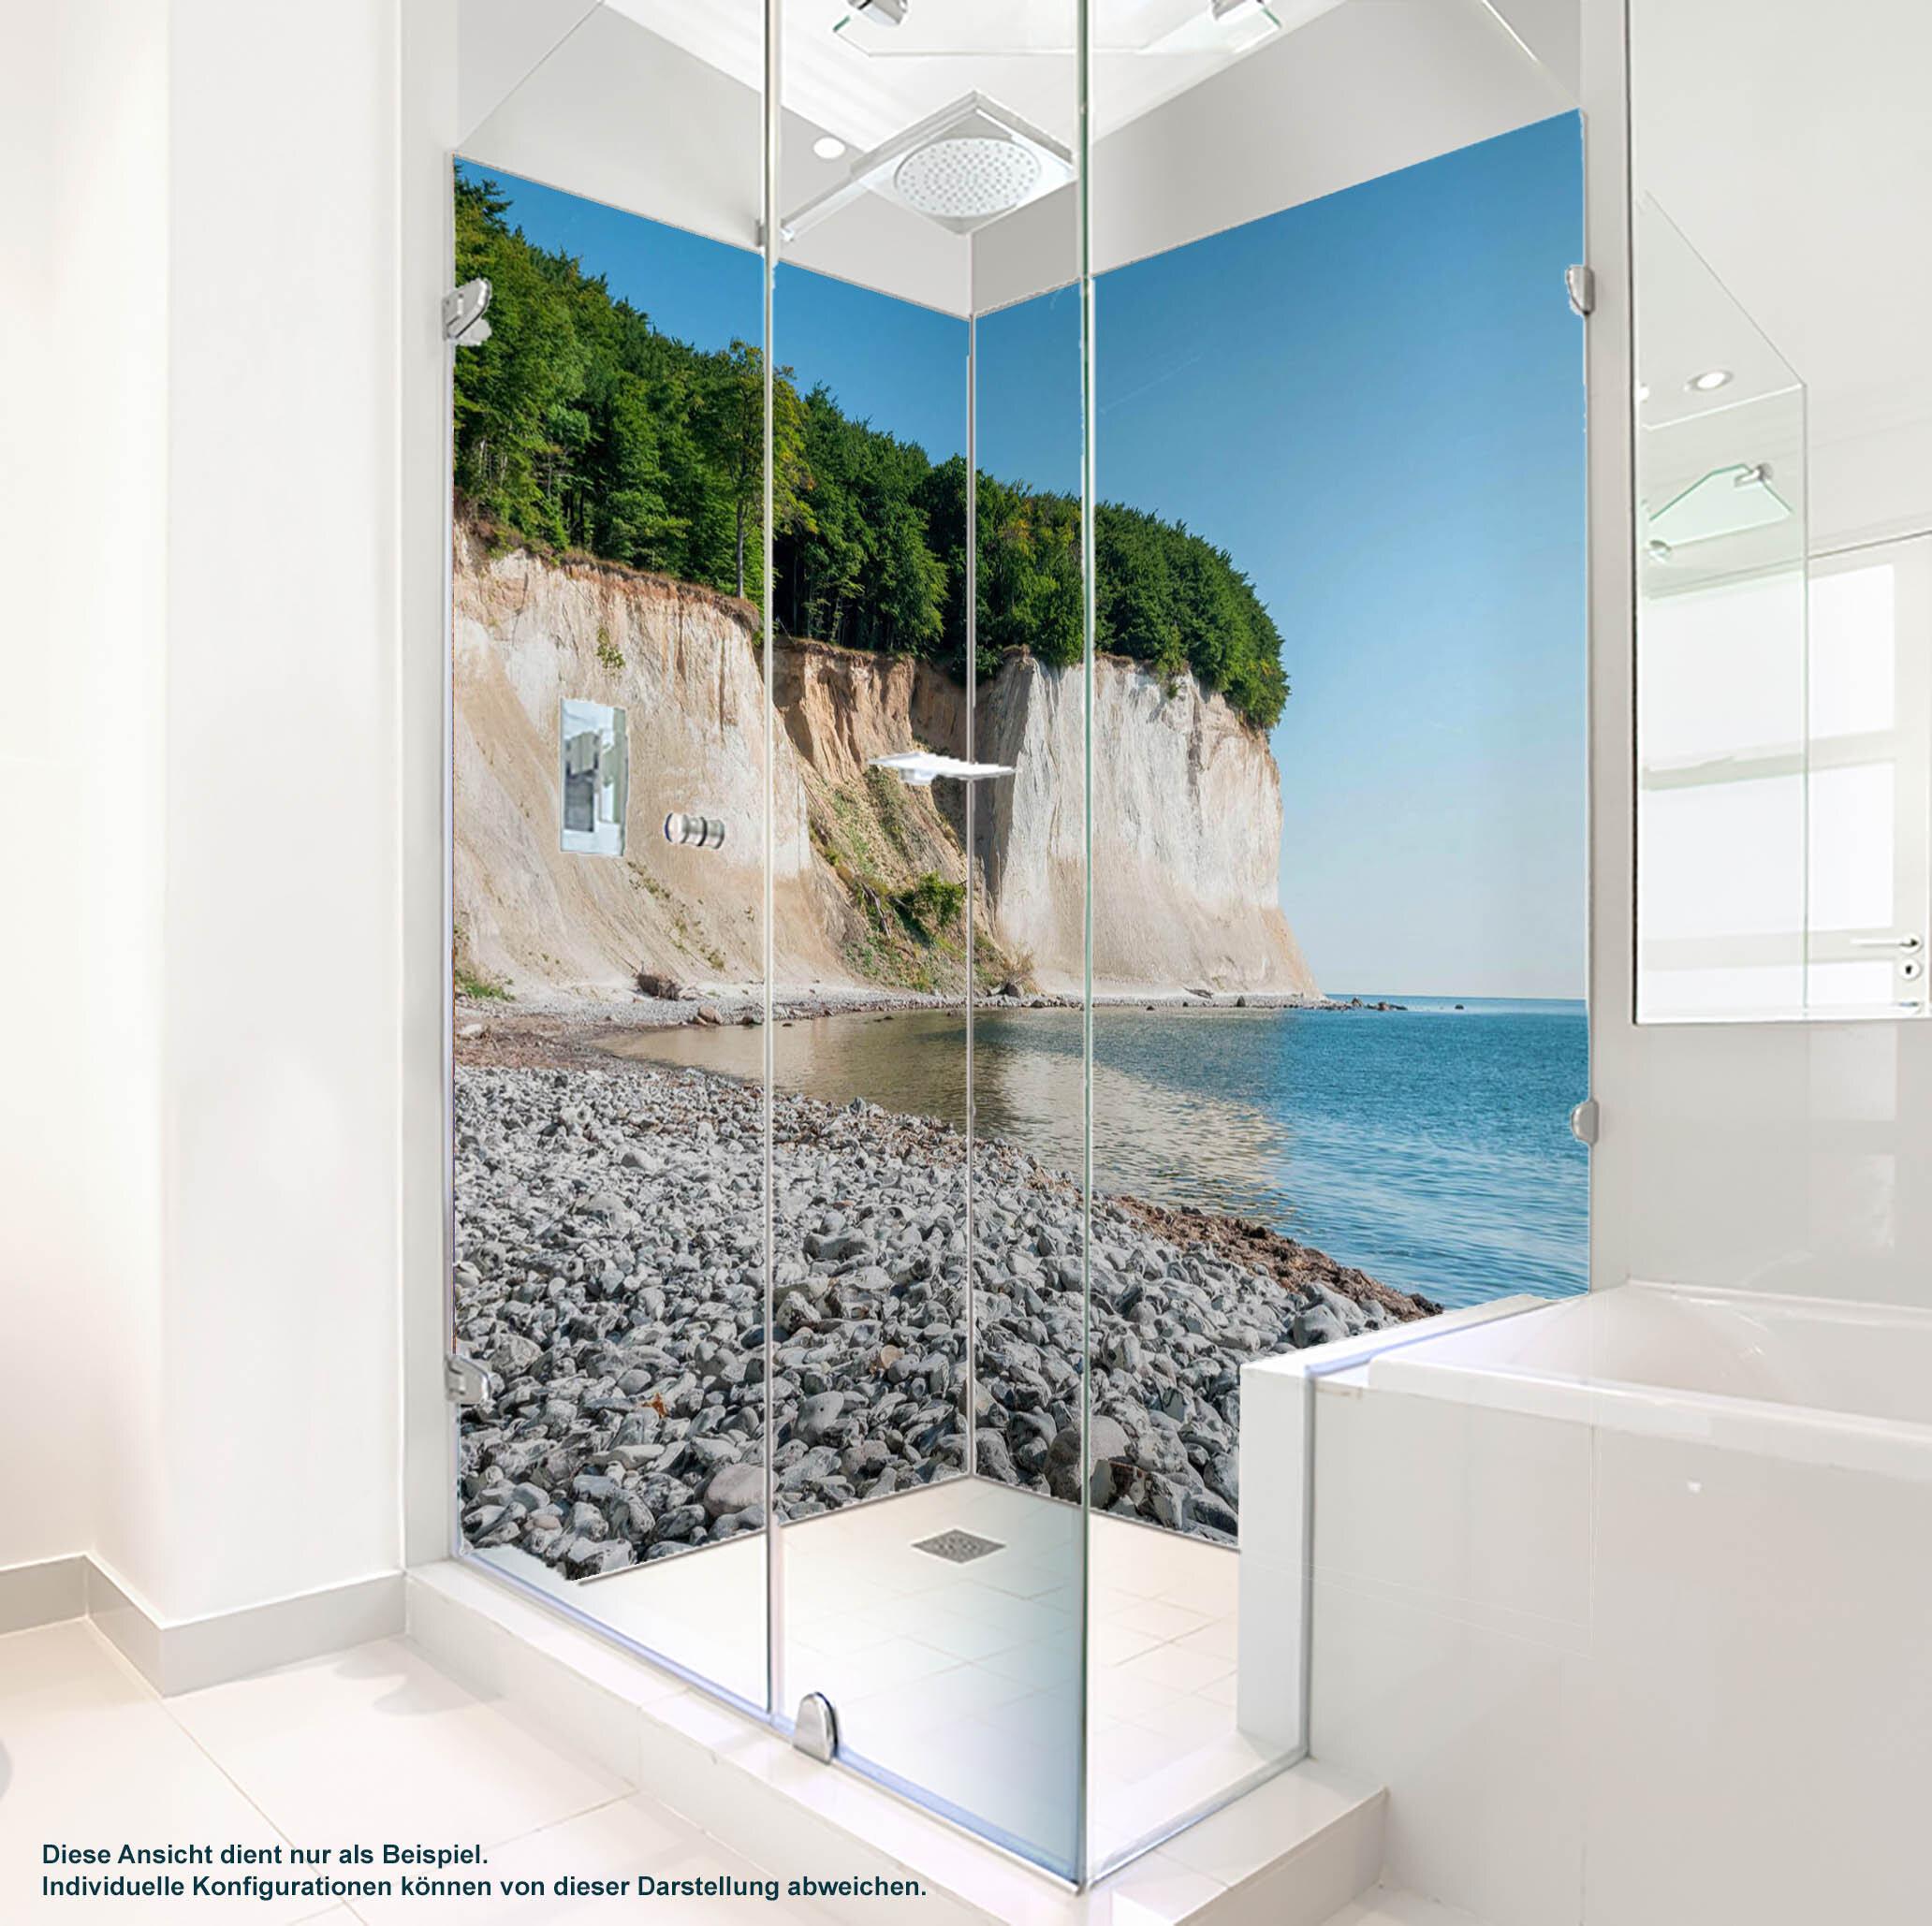 Dusche PlateART Duschrückwand mit Motiv Strand und Meer Rücgen